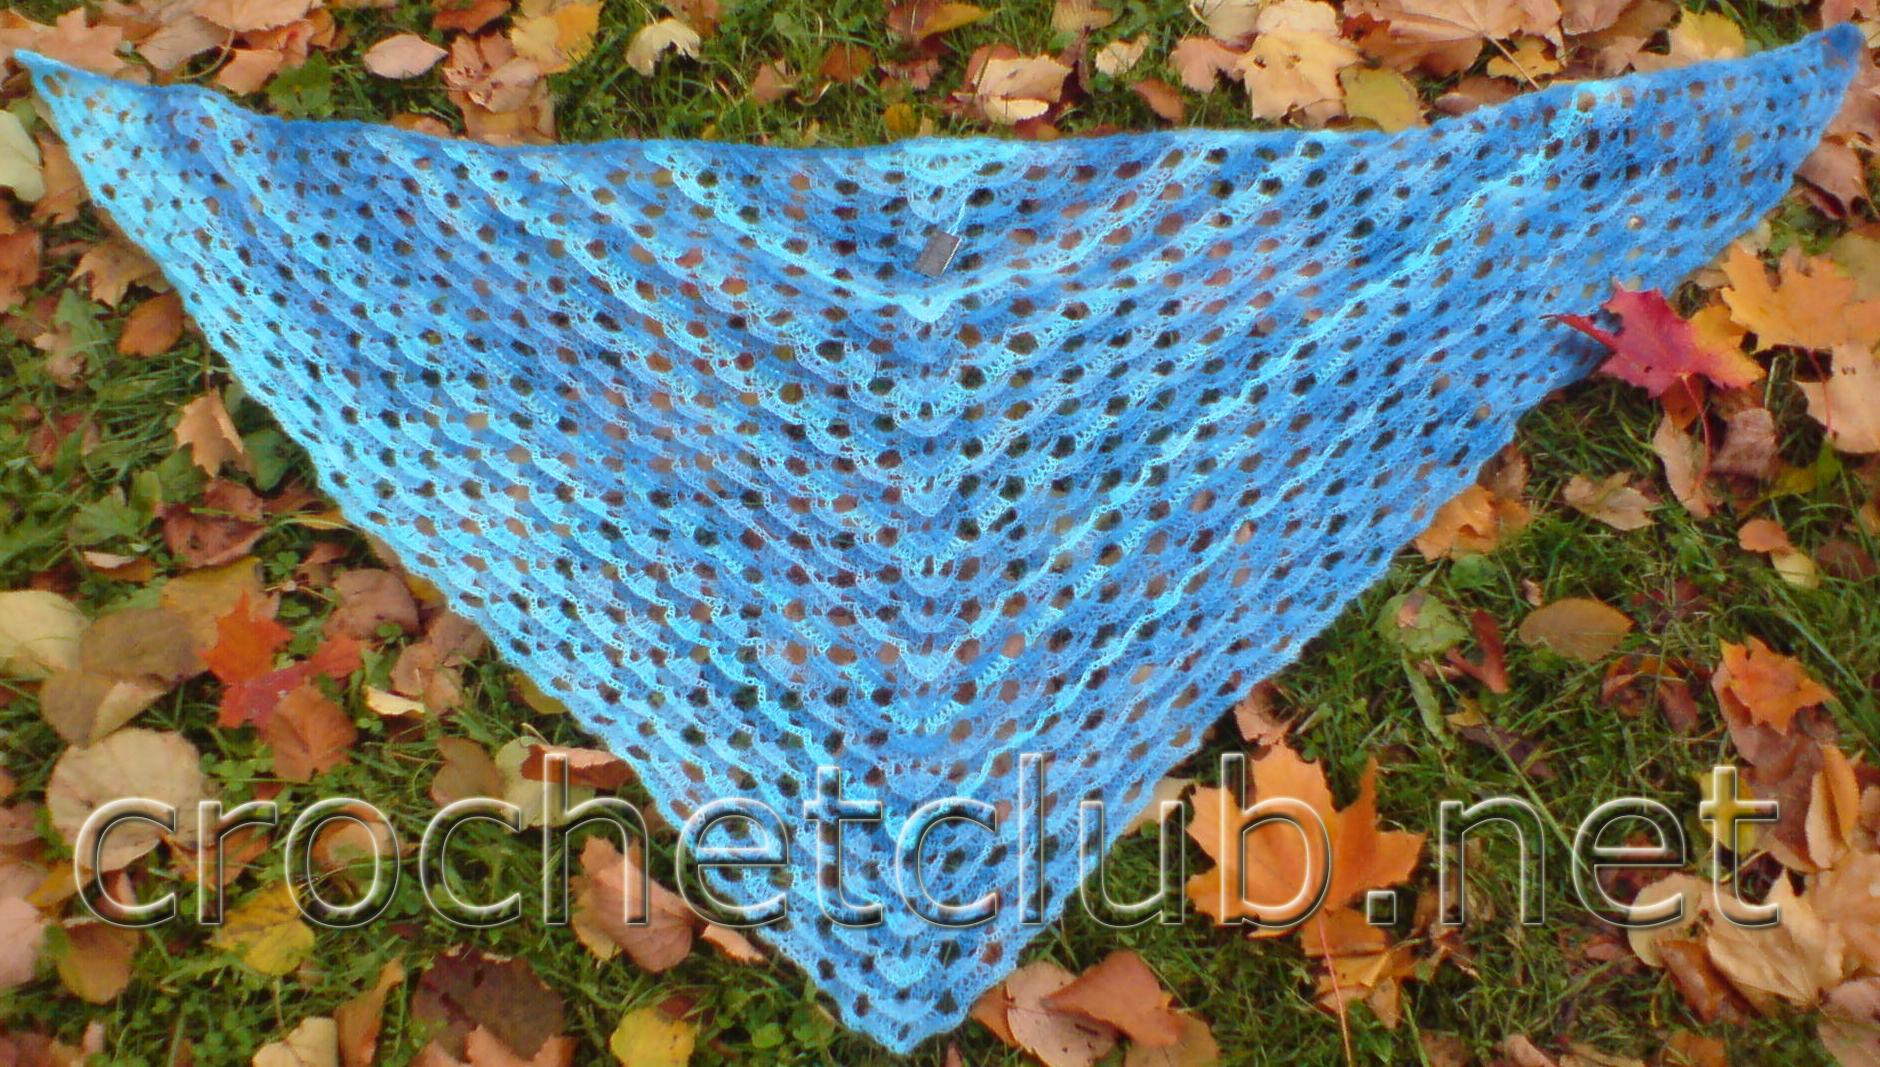 261dd41f51f2 Шаль «Морская», связанная крючком - Вязание Крючком. Блог Настика